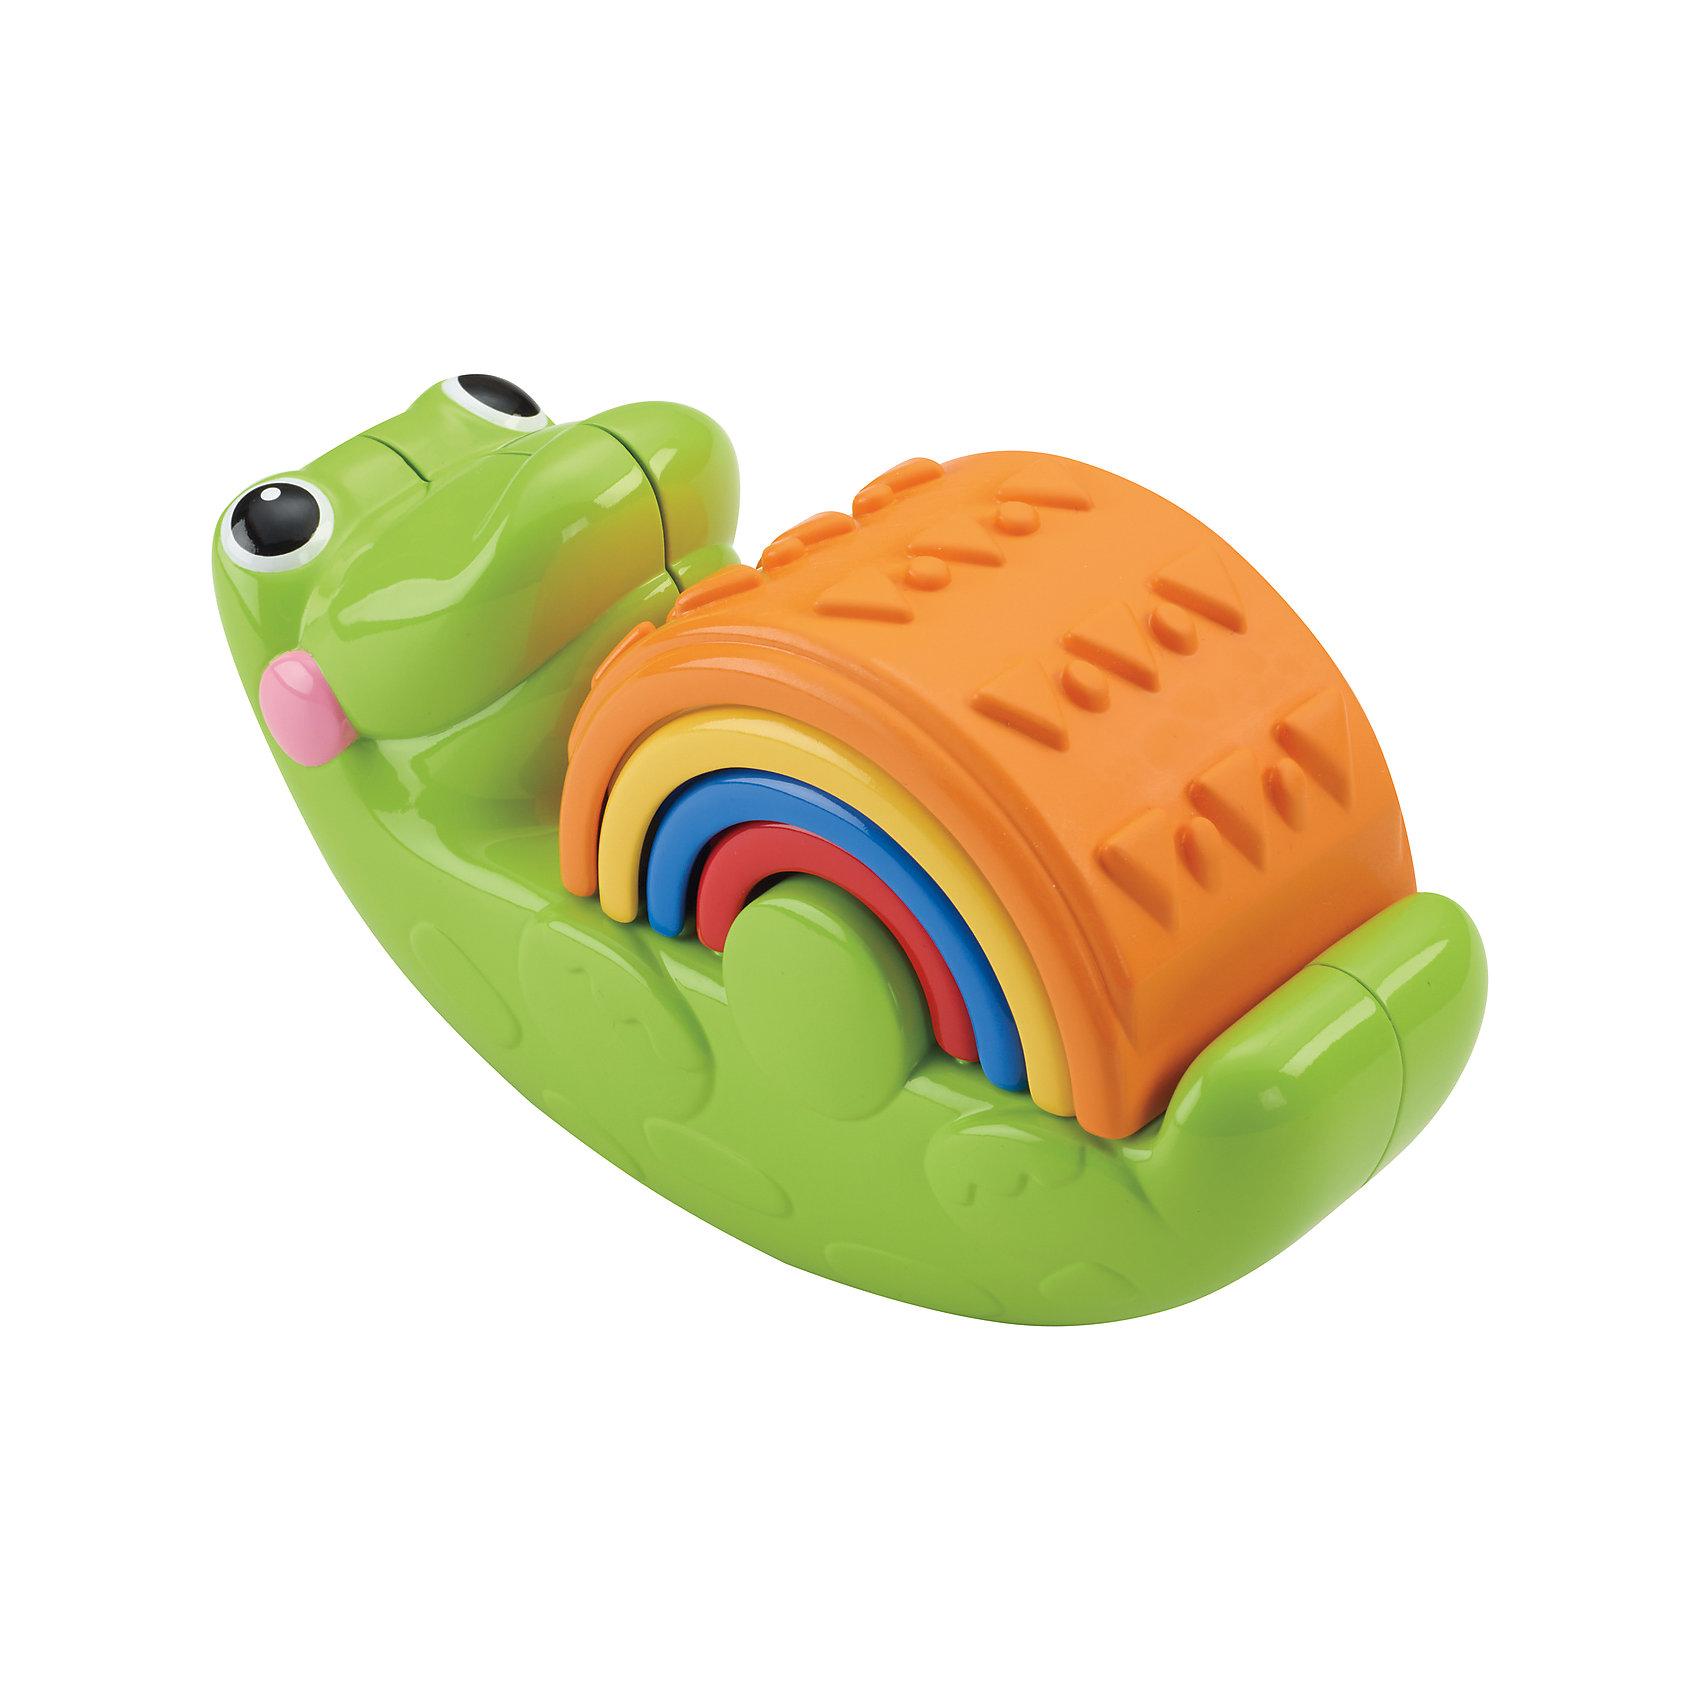 Пирамидка Крокодильчик, Fisher-PriceРазвивающие игрушки<br>С веселым крокодильчиком не соскучишься. Четыре части этой игрушки<br>можно складывать и раскладывать в самых разных вариациях. Кроме того, крокодильчик умеет весело раскачиваться, что обязательно позабавит вашего кроху. Раскладывая дуги по размеру, от большей к меньшей и наоборот, ребенок учится анализировать и решать задачи. Игрушка развивает мелкую моторику рук, цветовосприятие, зрительно-двигательную координацию,  внимание. Пирамидка изготовлена из высококачественных гипоаллергенных материалов безопасных для детей.<br><br>Дополнительная информация:<br><br>- Материал: пластик.<br>- Комплектация: крокодильчик, 4 дуги.<br><br>Пирамидку Крокодильчик, Fisher-Price (Фишер Прайс), можно купить в нашем магазине.<br><br>Ширина мм: 210<br>Глубина мм: 90<br>Высота мм: 170<br>Вес г: 404<br>Возраст от месяцев: 12<br>Возраст до месяцев: 36<br>Пол: Унисекс<br>Возраст: Детский<br>SKU: 3985773